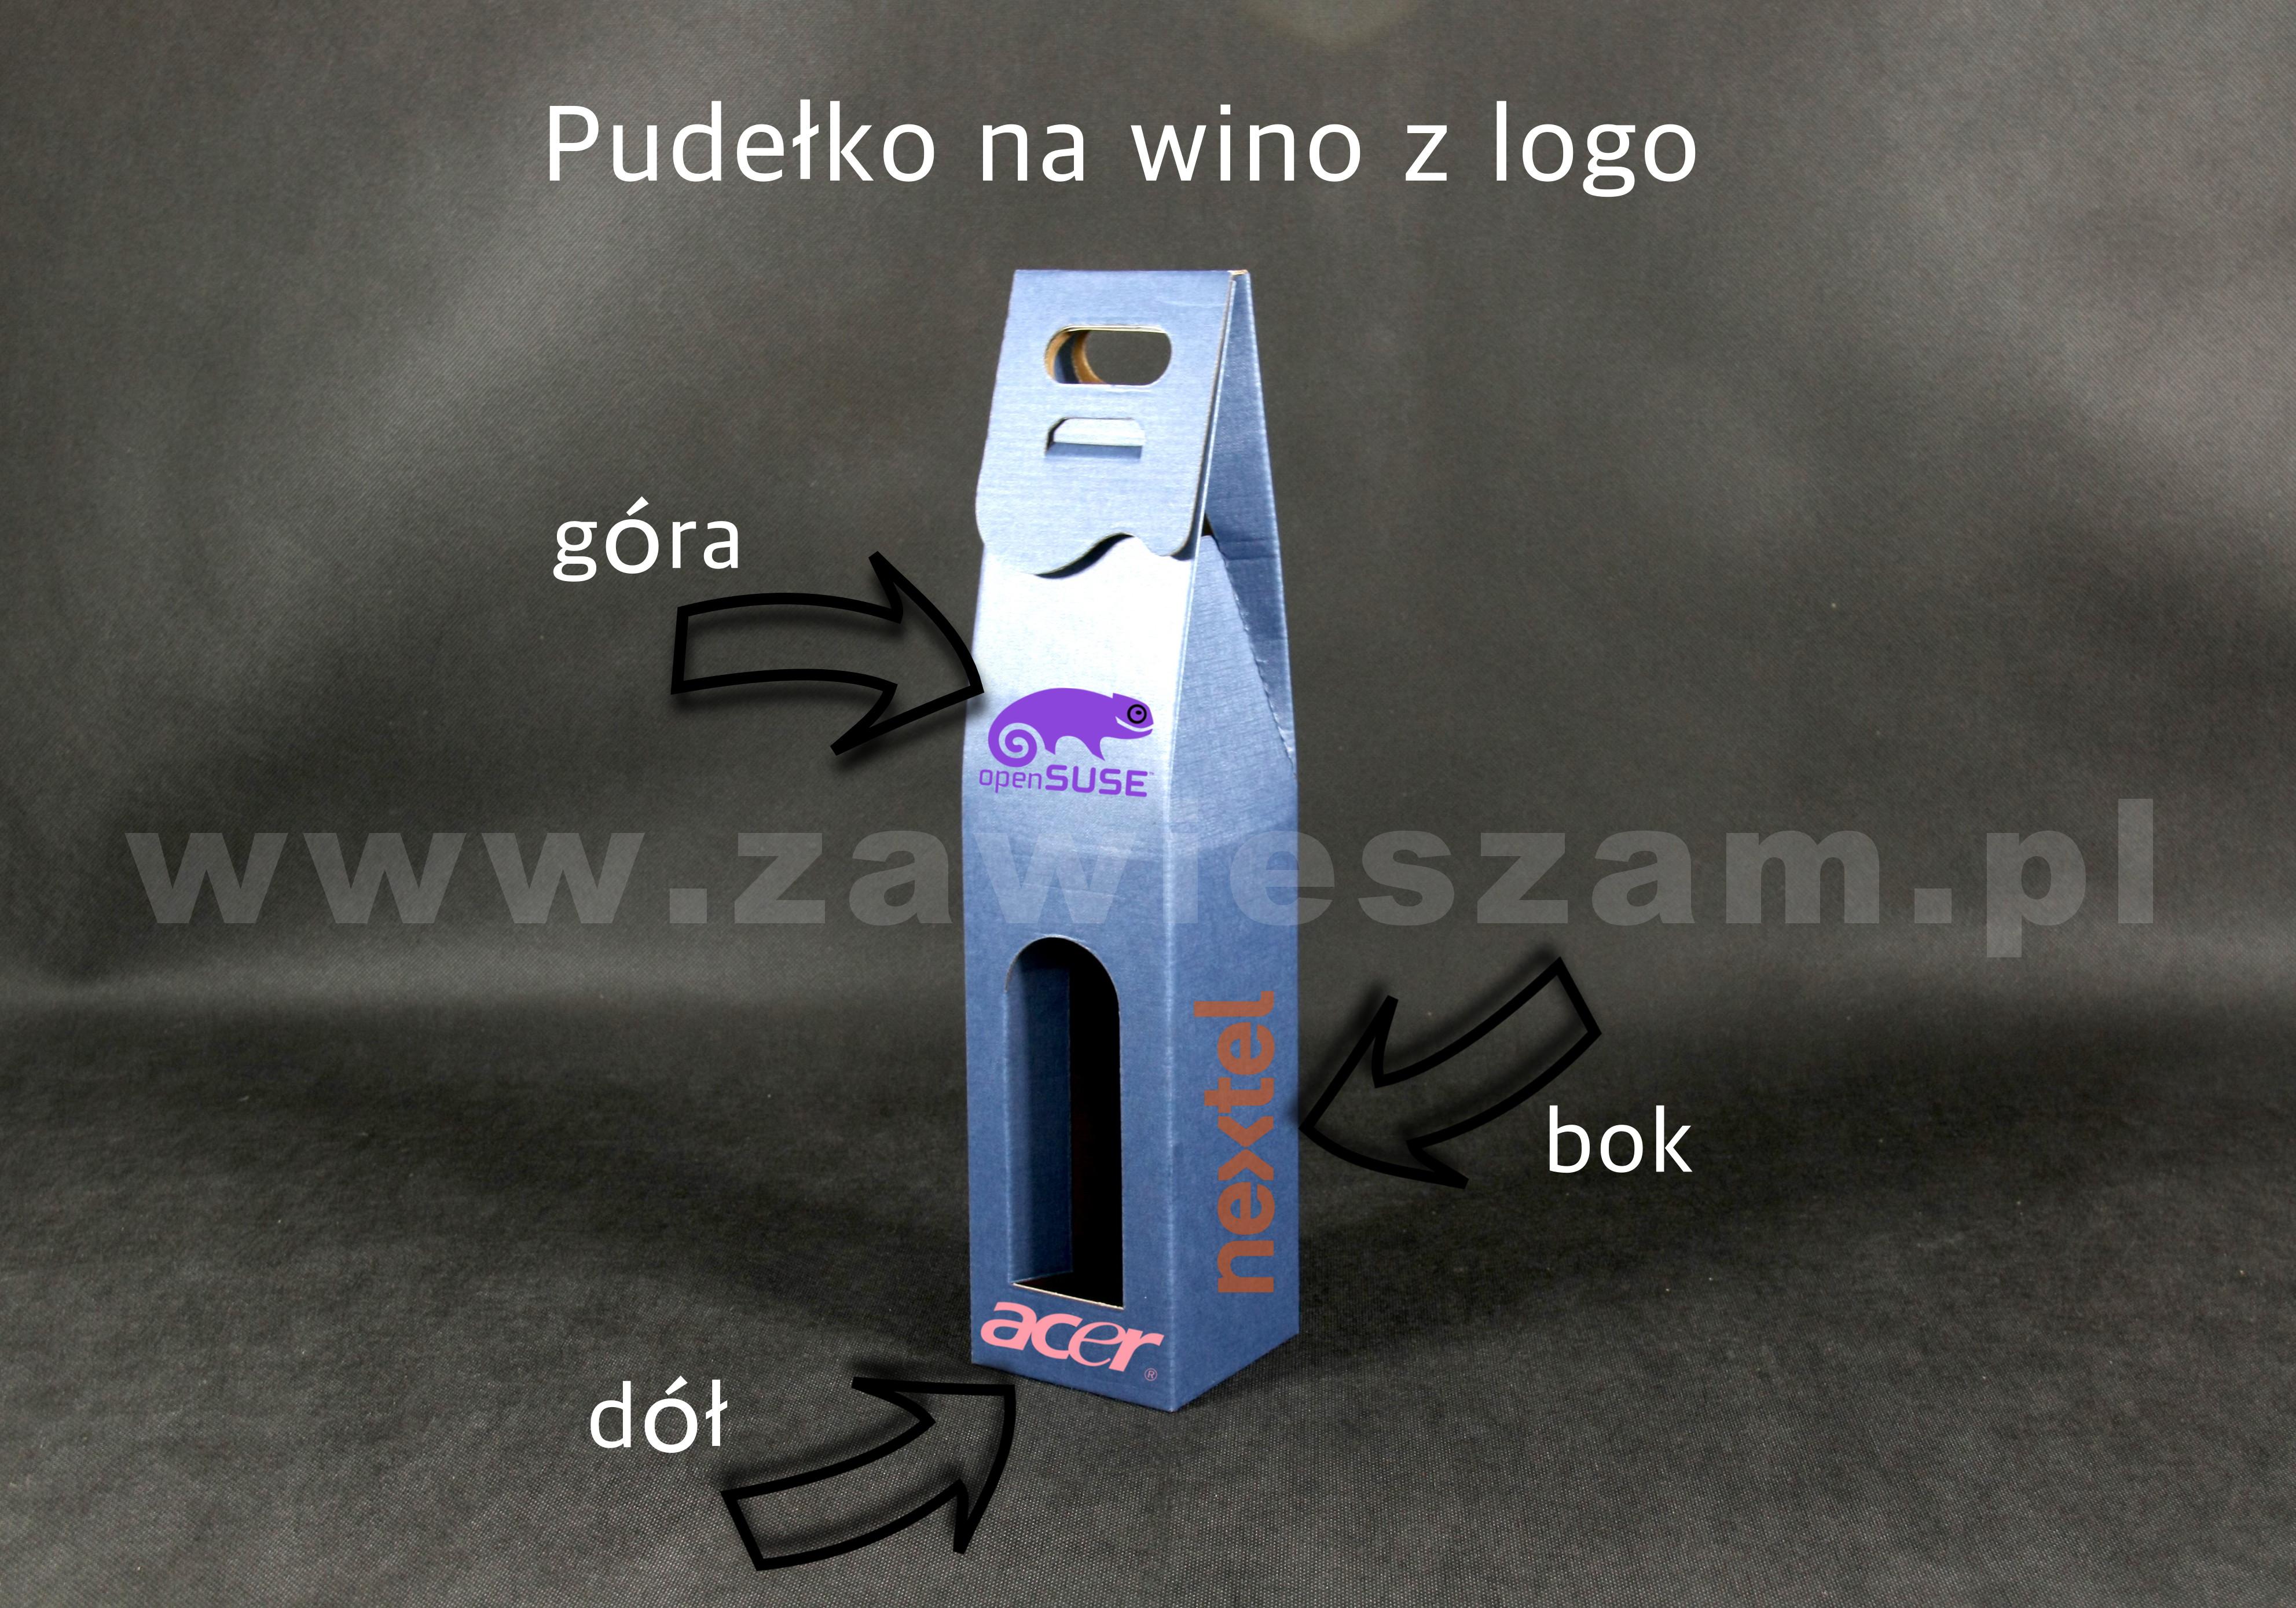 pudełko kaszerowane na wino